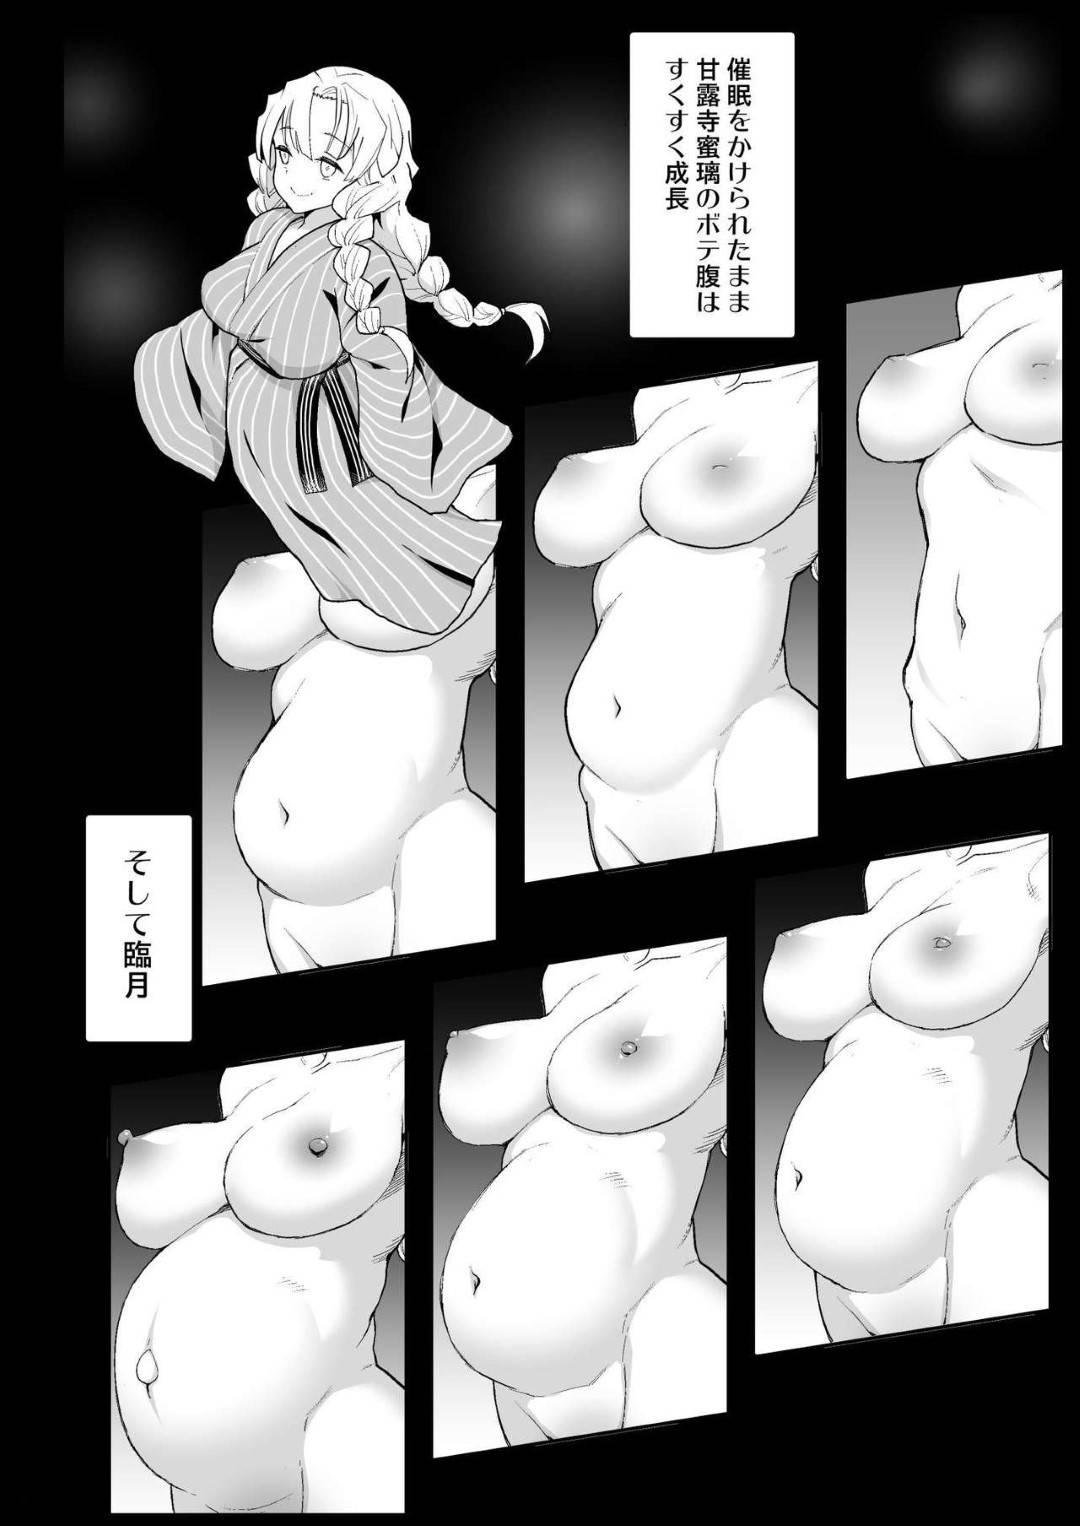 【催眠エロ漫画】入浴した者を言いなりにする催眠温泉で意識を奪われたロリ娘は何度も中出しされて孕まされてしまう!【まー九郎】